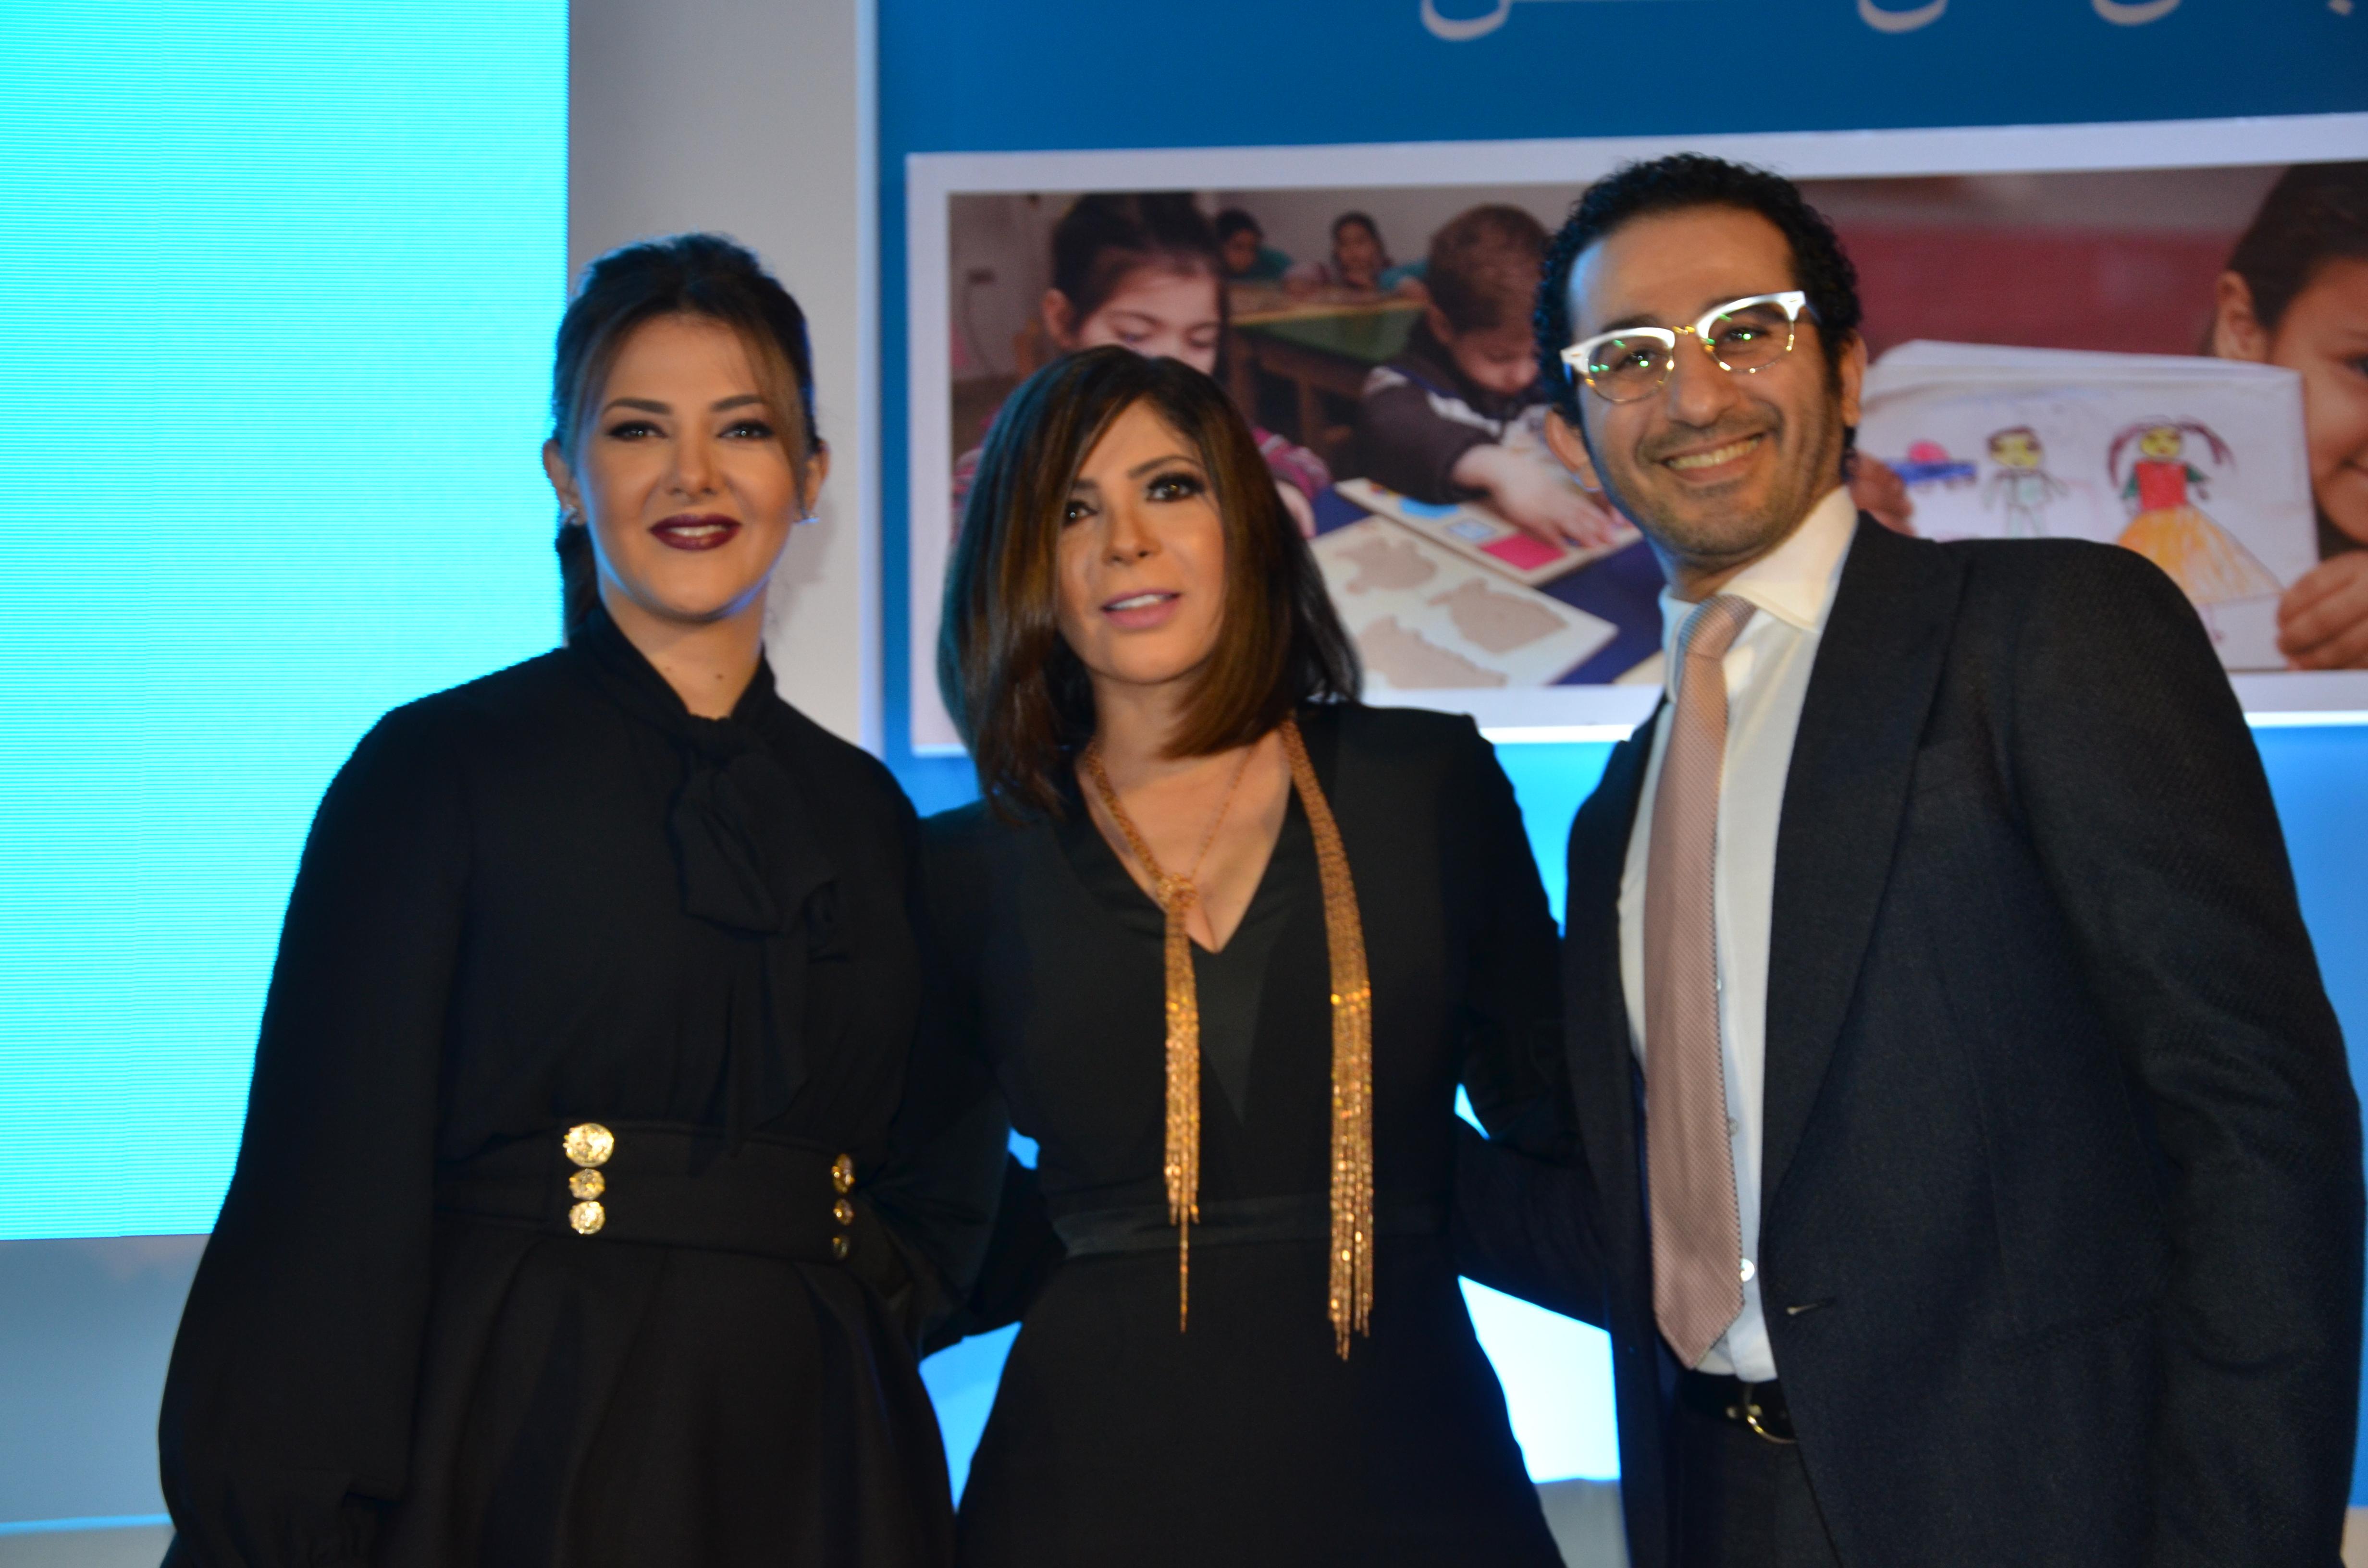 Donia Samir Ghanem, Mona Zaki & Ahmed Helmy